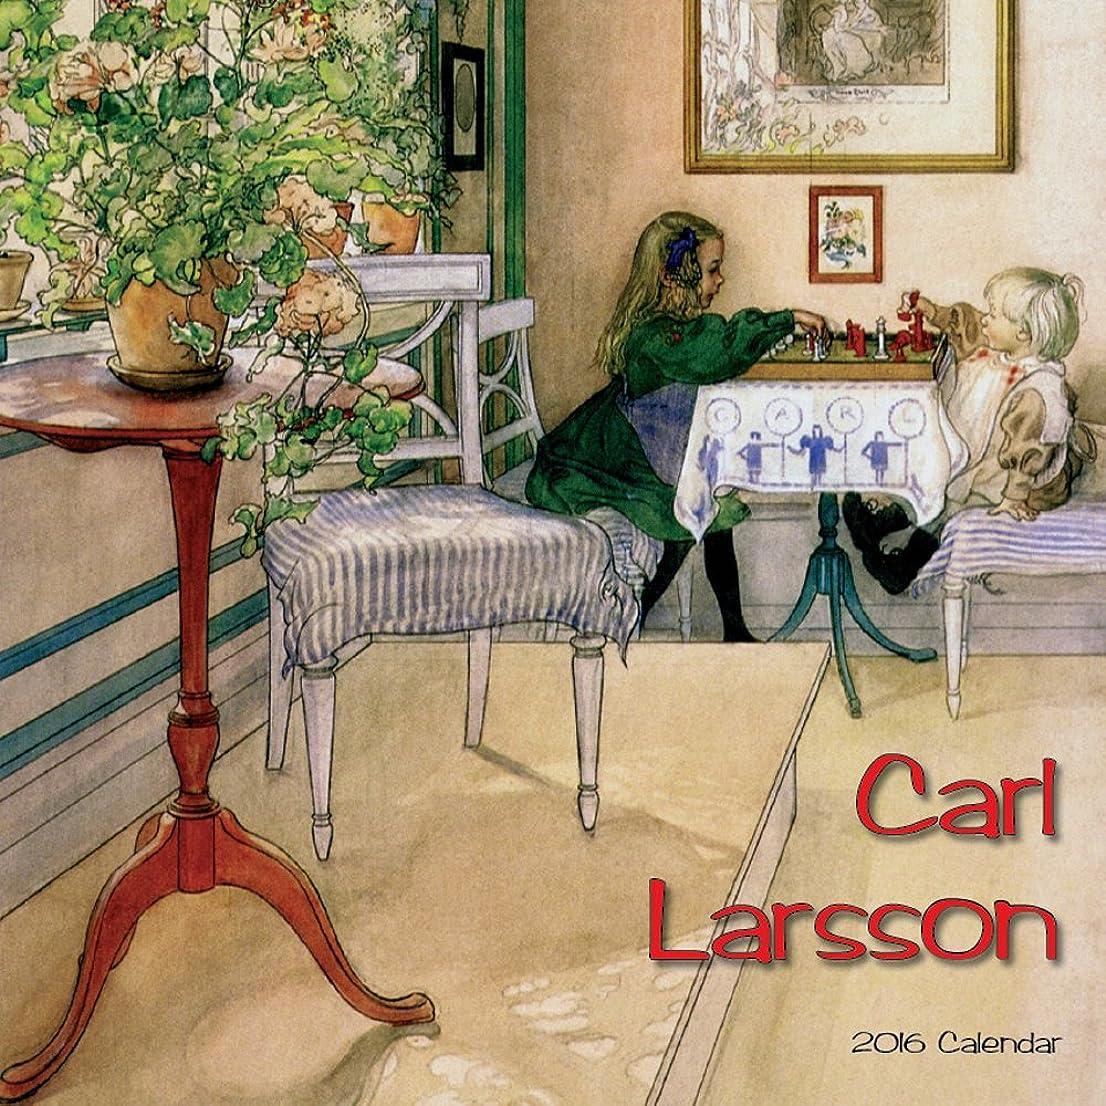 初期の救援車両Carl Larsson